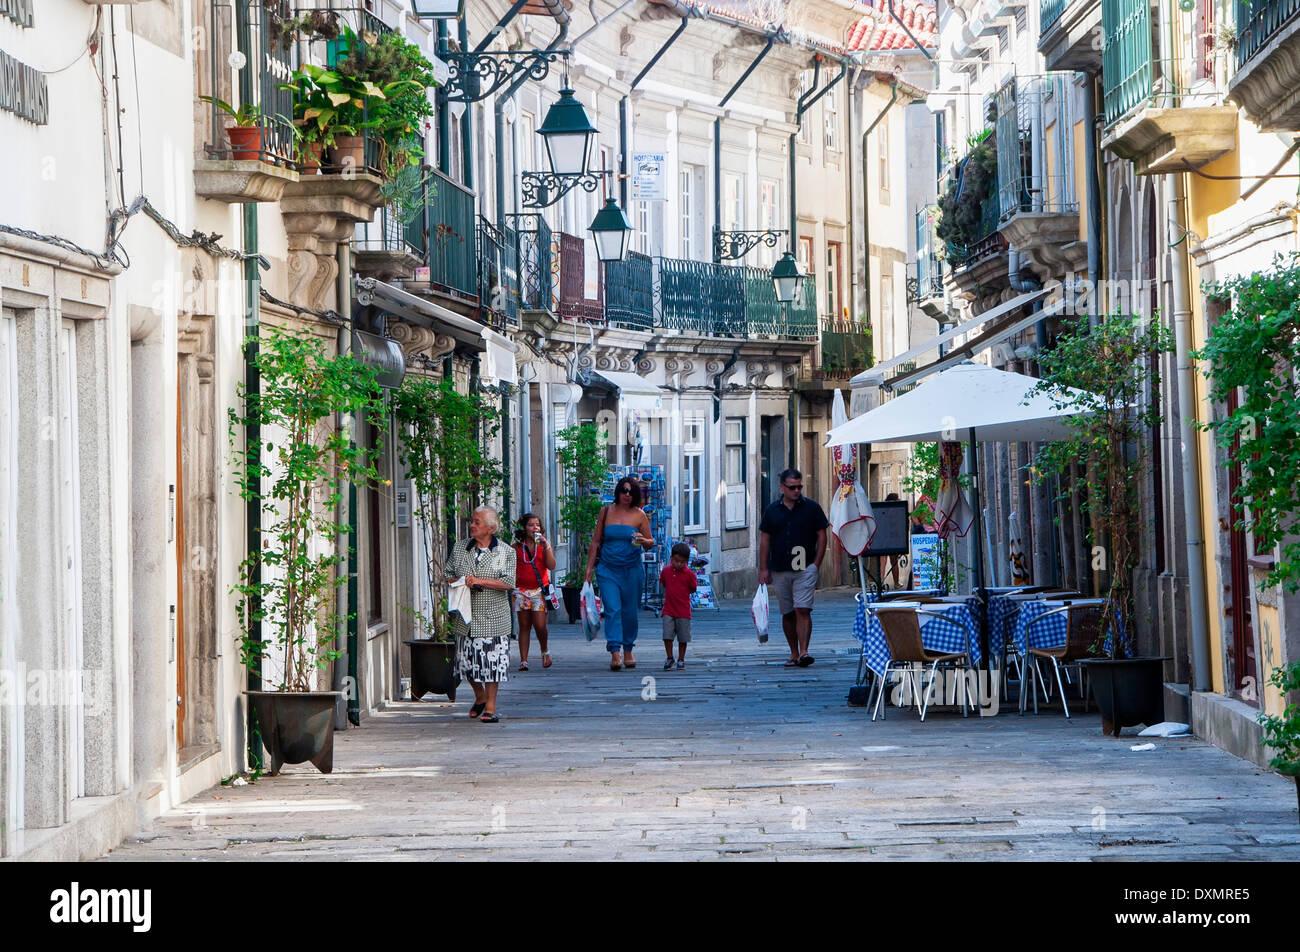 Old city street viana do castelo minho portugal stock - Viana do castelo portugal ...